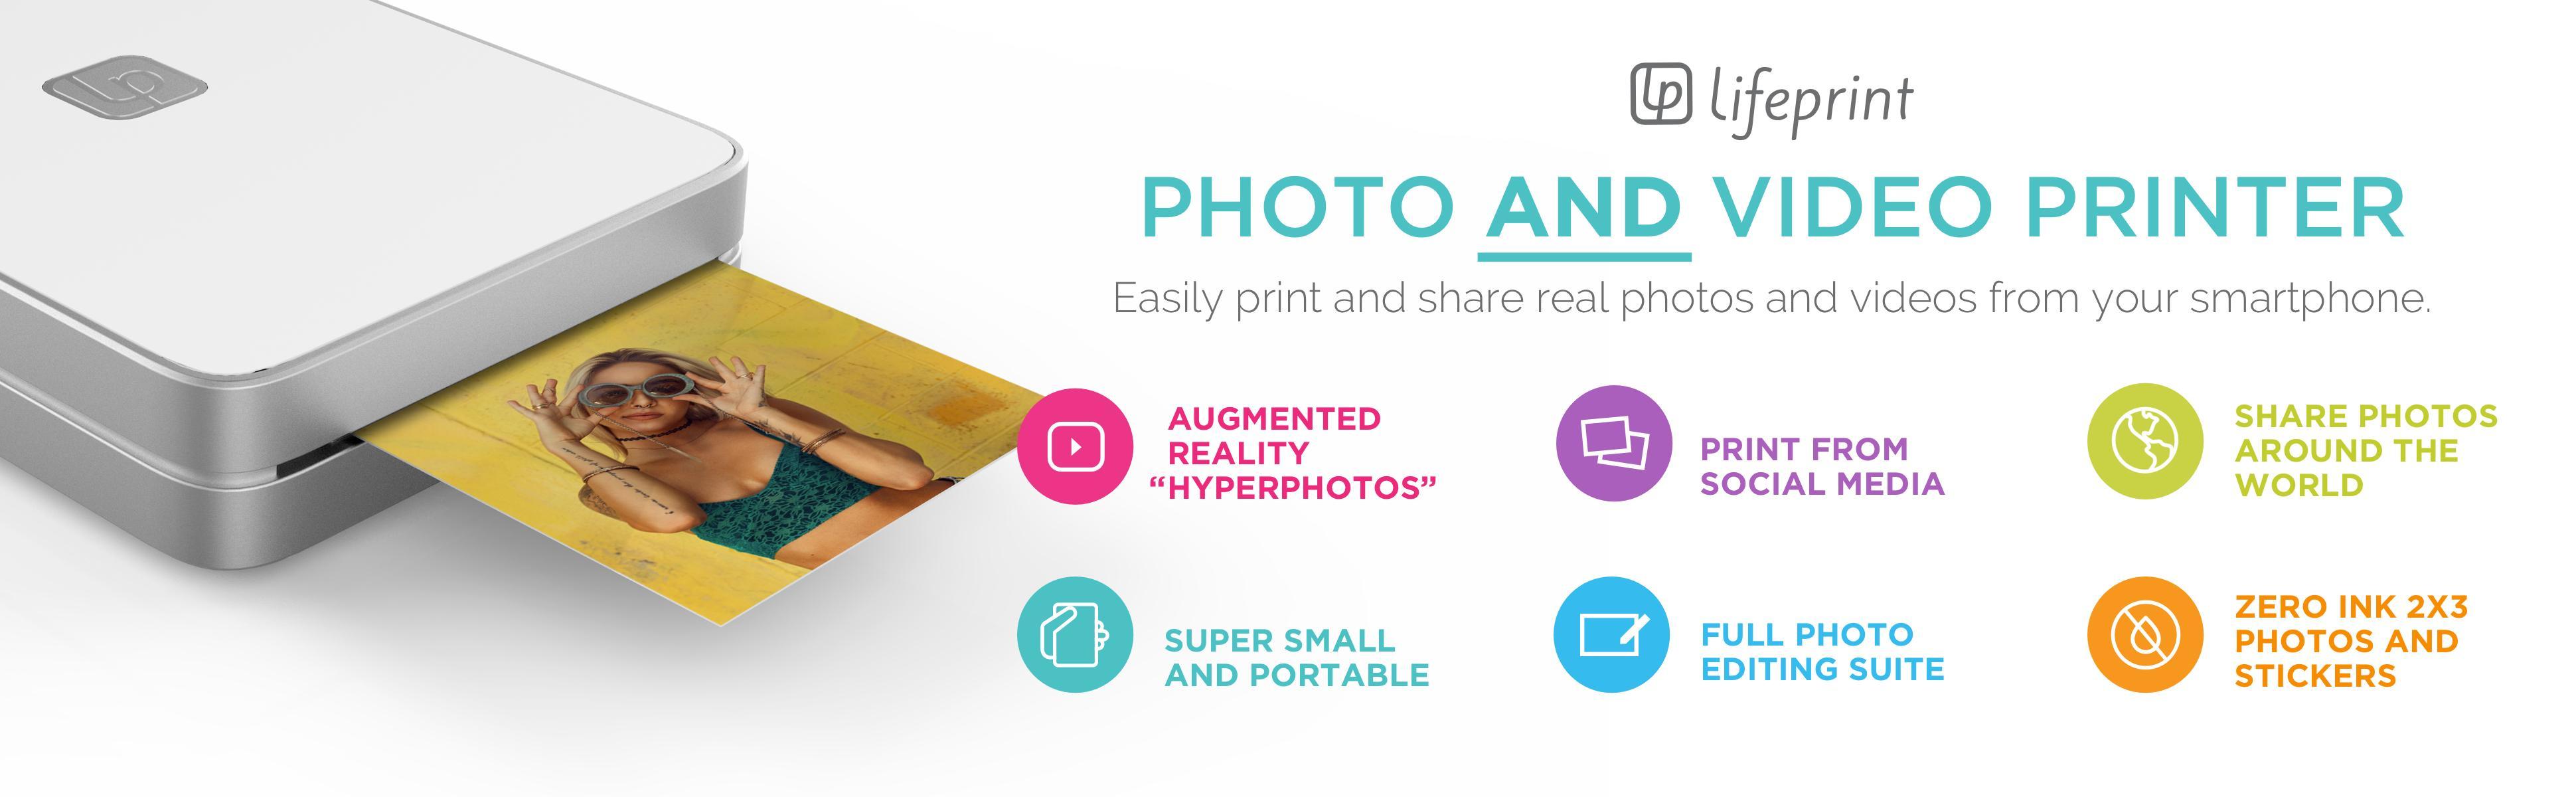 how to use lifeprint printer